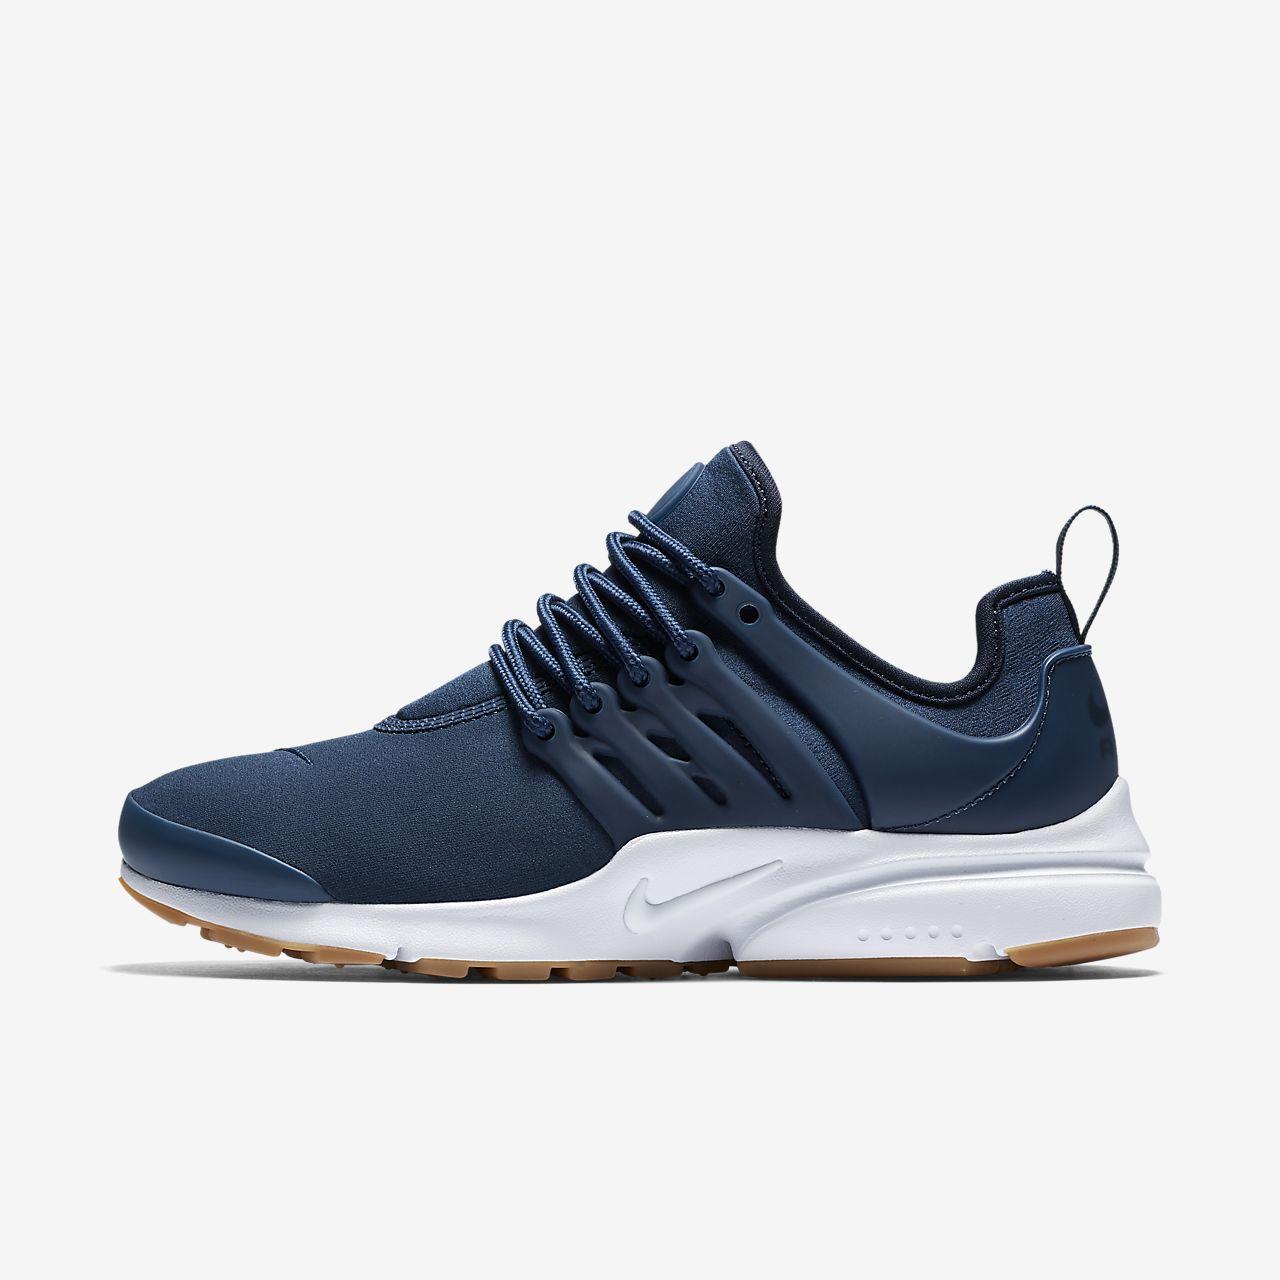 offre pas cher Nike Presto Chaussures Des Femmes résistant à l'usure EUGNuKGJ